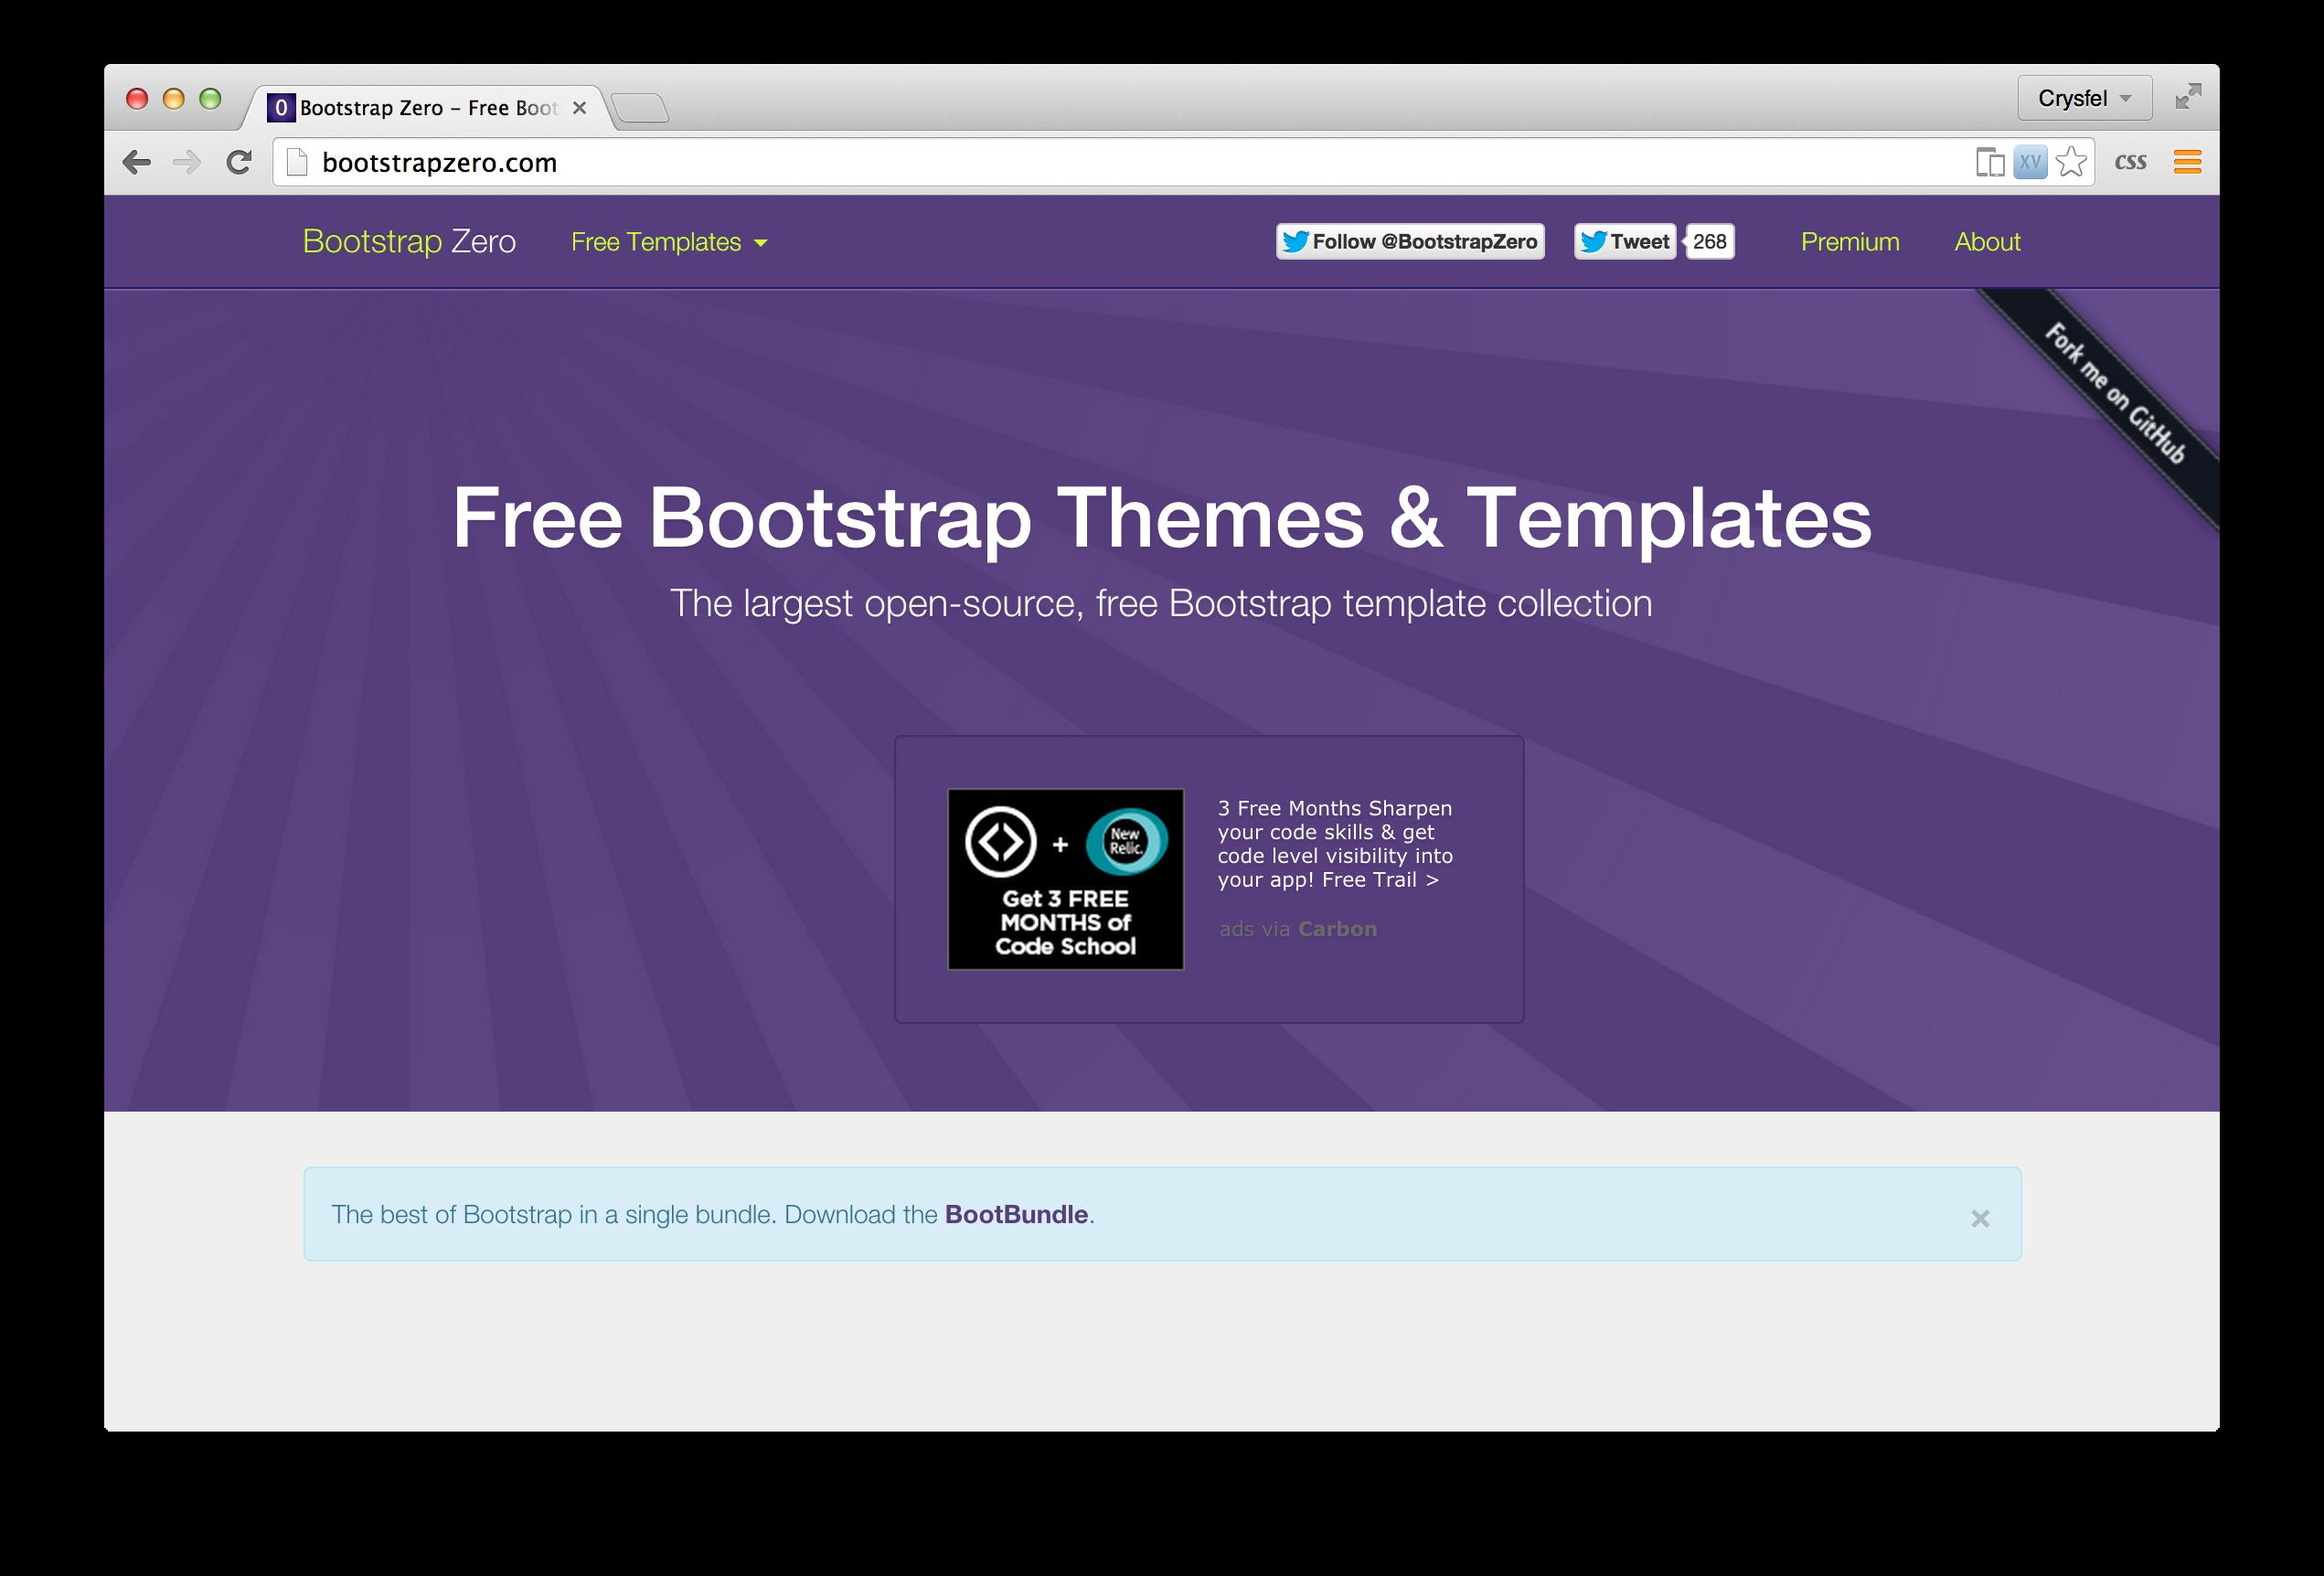 Bootstrap cero